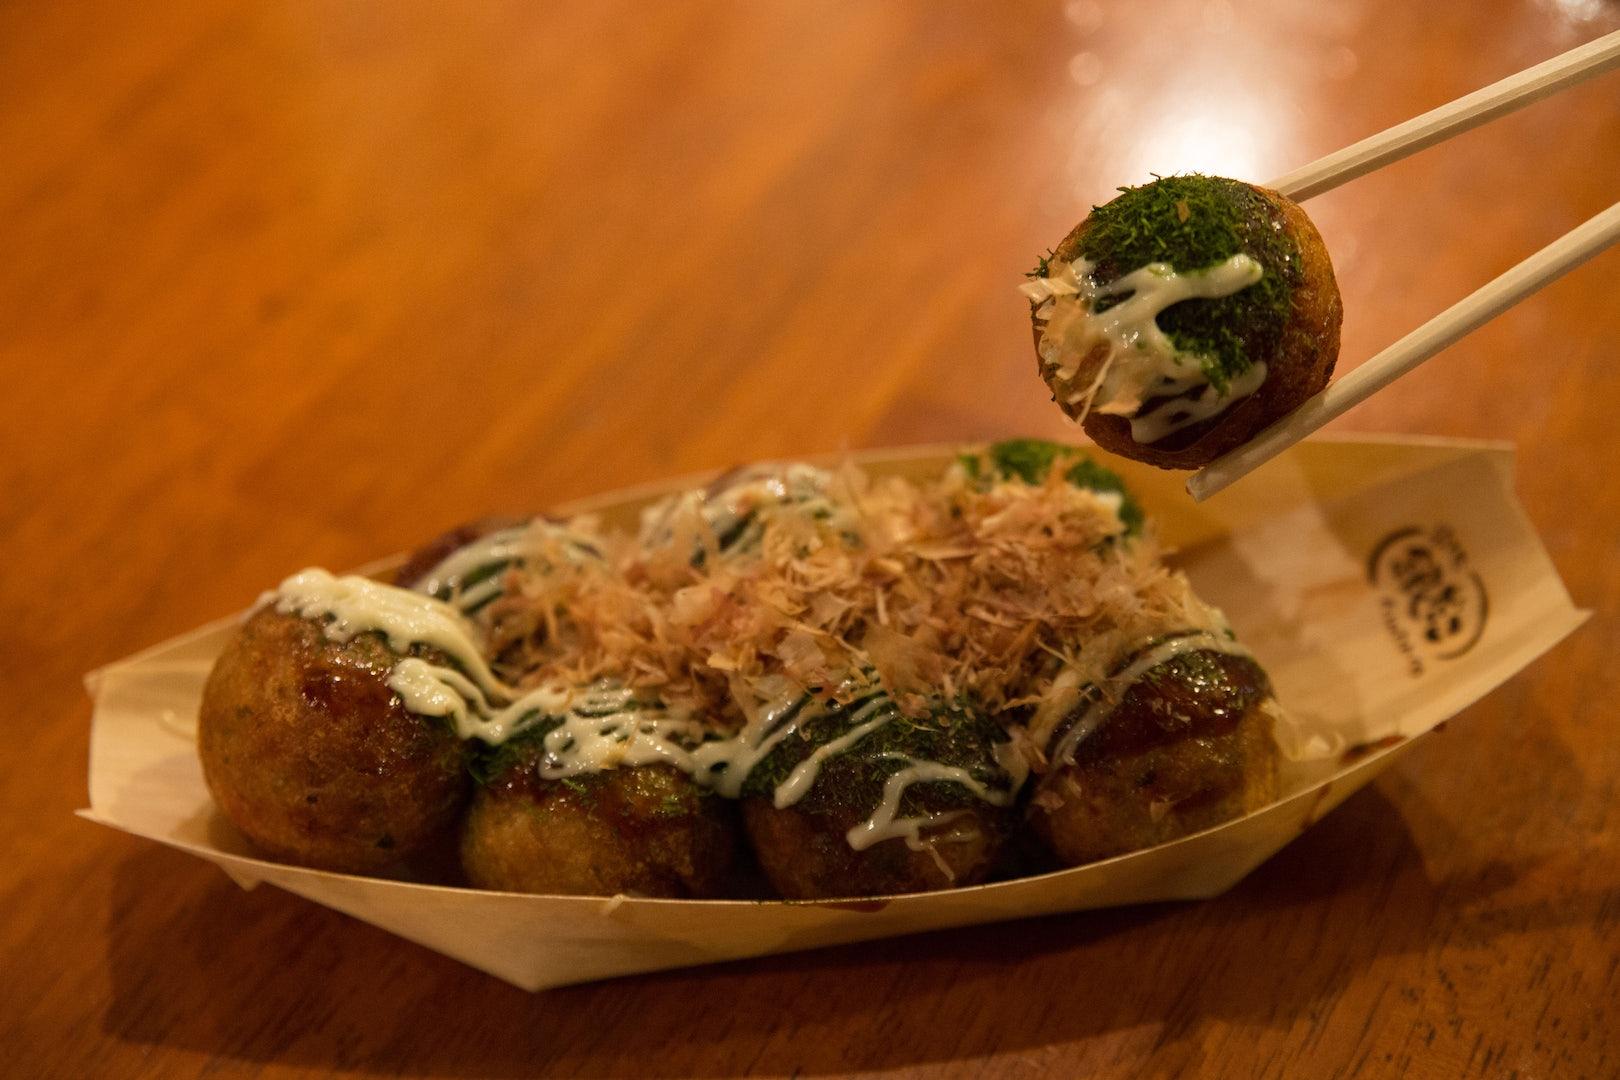 Tako-yaki snack in the shape of balls